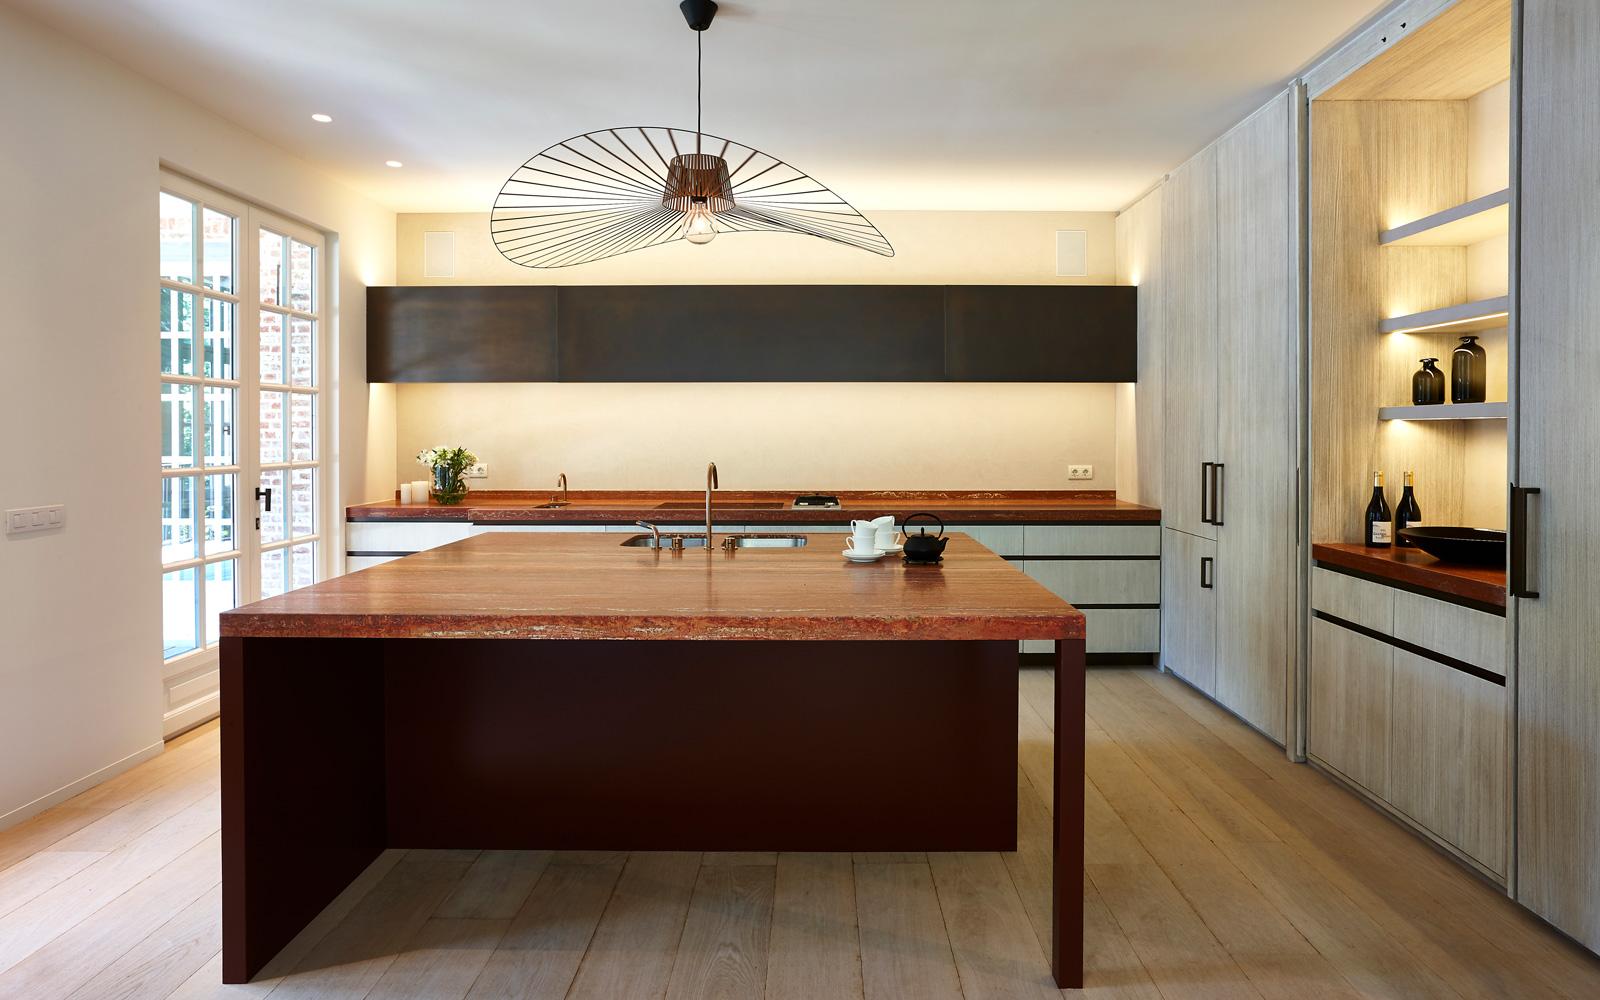 The Art of Living, Exclusief wonen, Vlassak-Verhulst, lamp, verlichting, deuren, glas, hout, keuken, keukeninspiratie, kookeiland, laminaat, designkraan, designverlichting